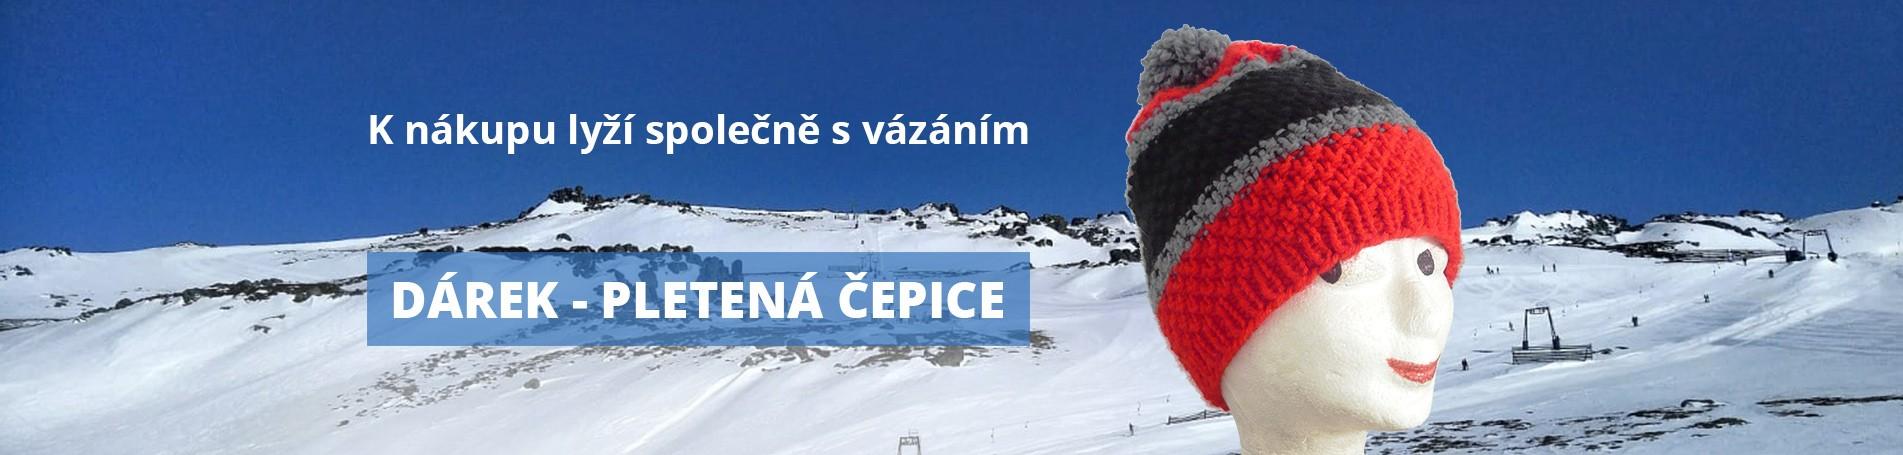 K nákupu lyží společně s vázáním dárek - pletená čepice